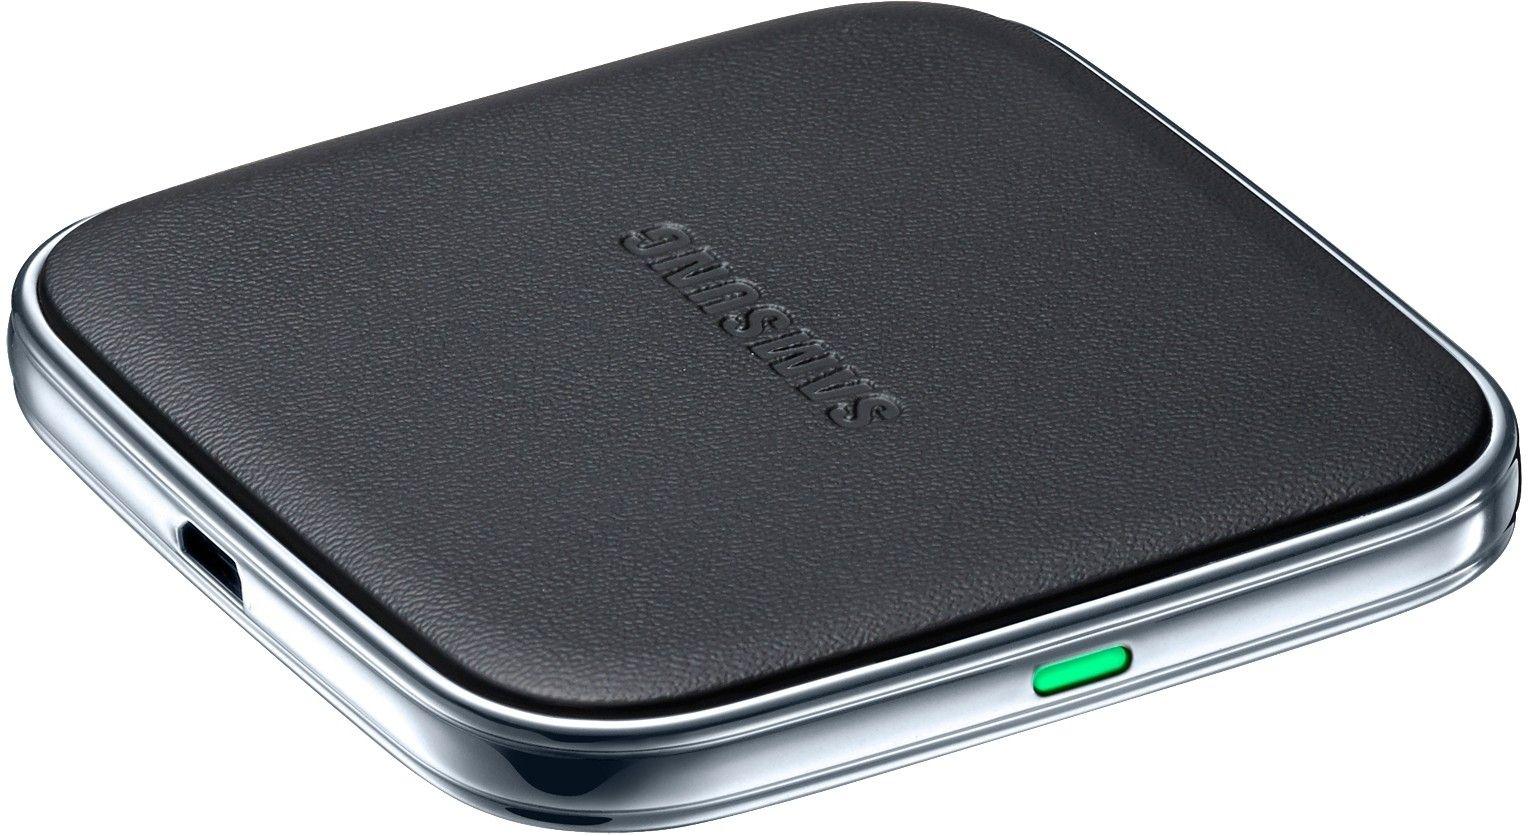 Беспроводное зарядное устройство для Samsung Galaxy S5 (EP-PG900IBRGRU) - 1